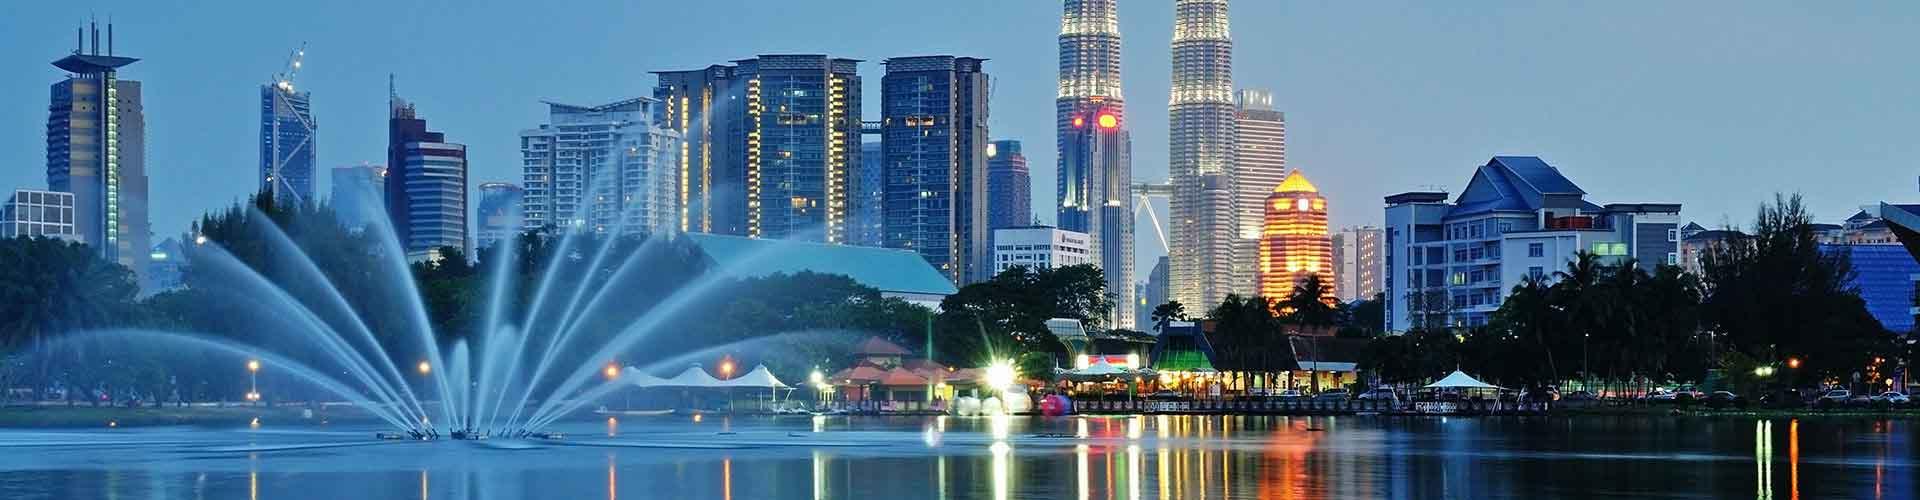 Kuala Lumpur - Hostele w mieście: Kuala Lumpur, Mapy: Kuala Lumpur, Zdjęcia i Recenzje dla każdego hostelu w mieście Kuala Lumpur.